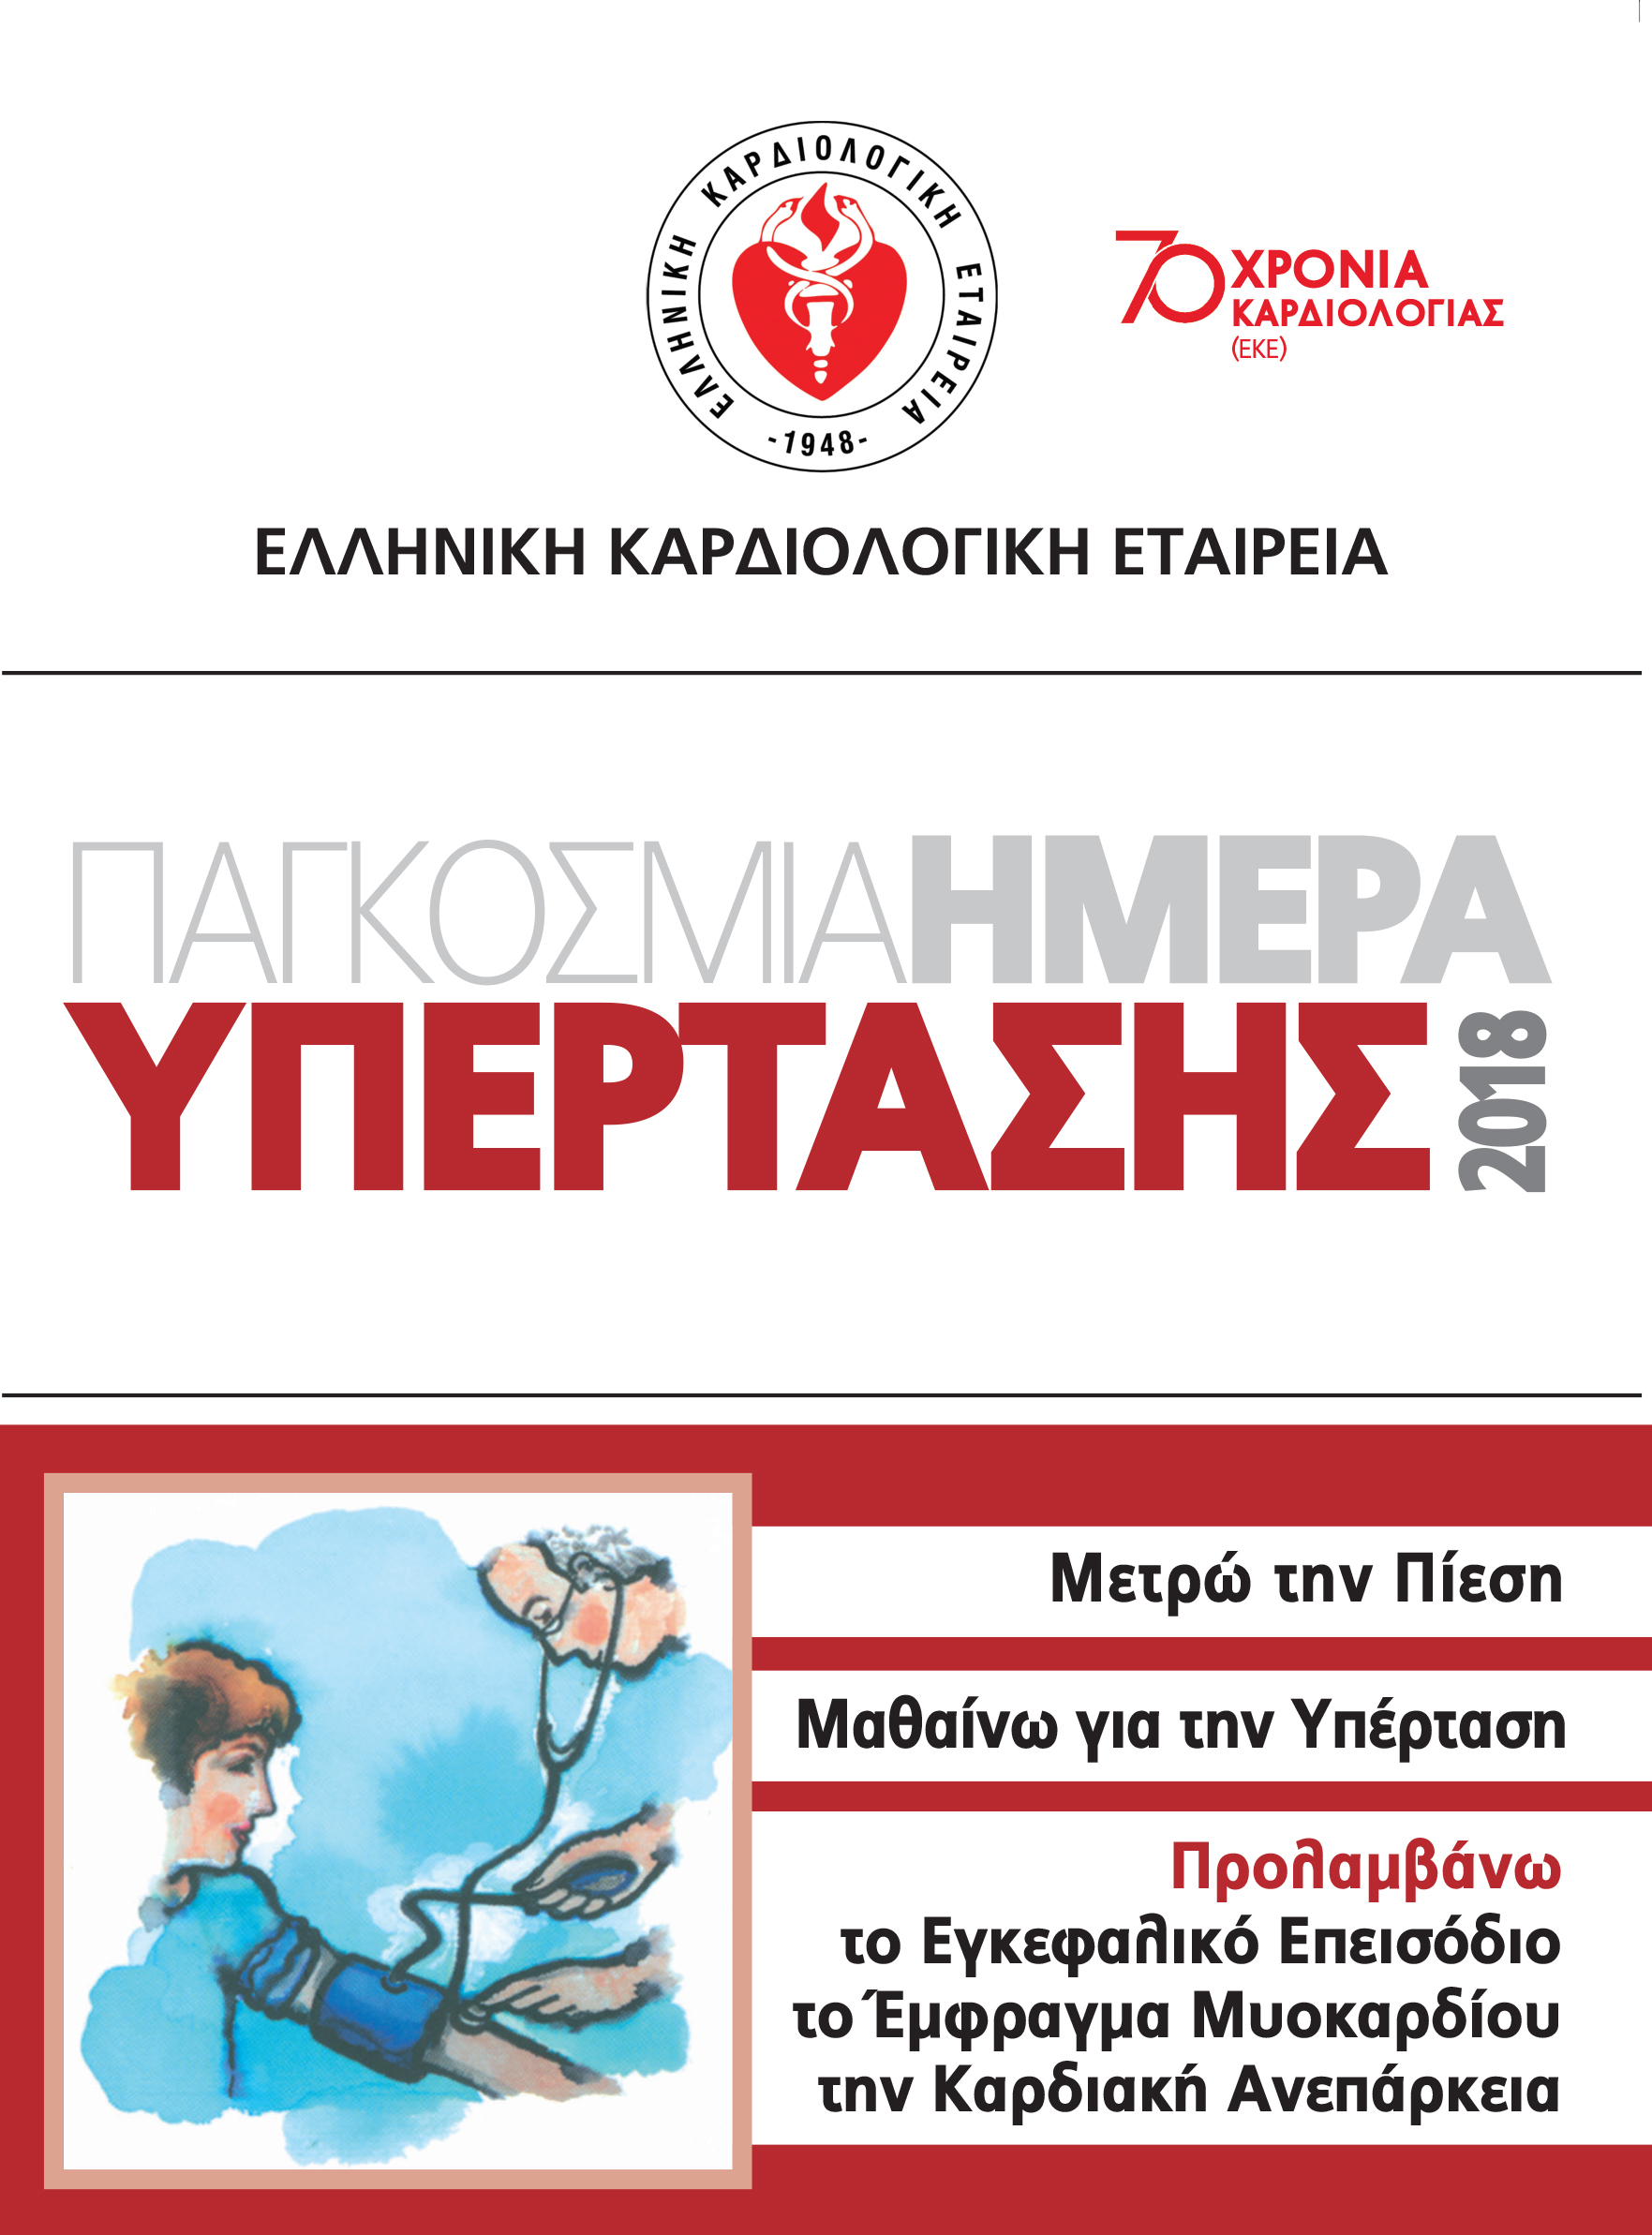 EKE-YPERTASI-1ST-PAGE